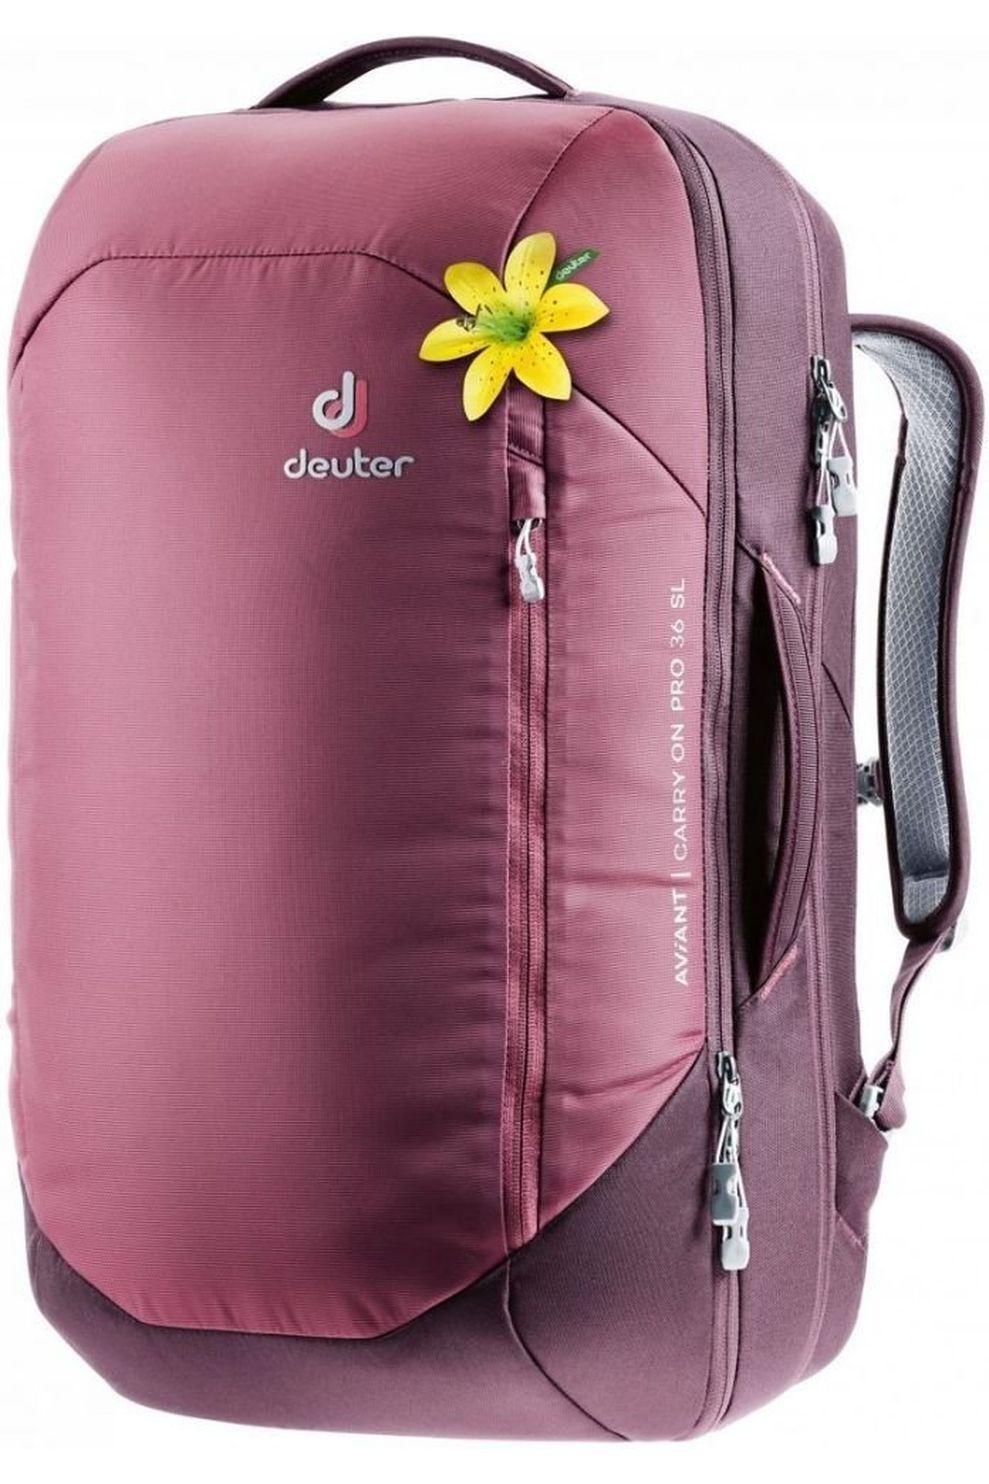 Deuter Tourpack Aviant Carry On Pro 36 Sl voor dames - Rood